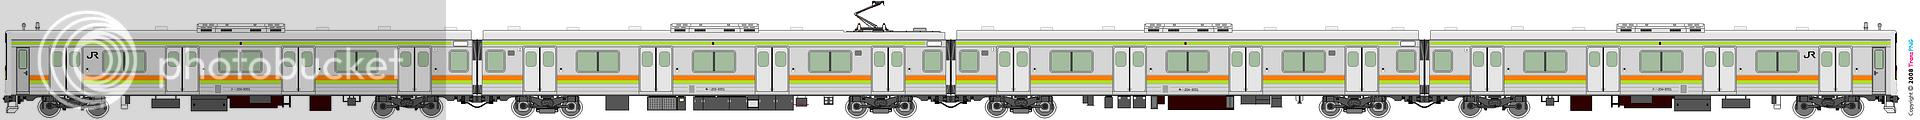 鐵路列車 1968